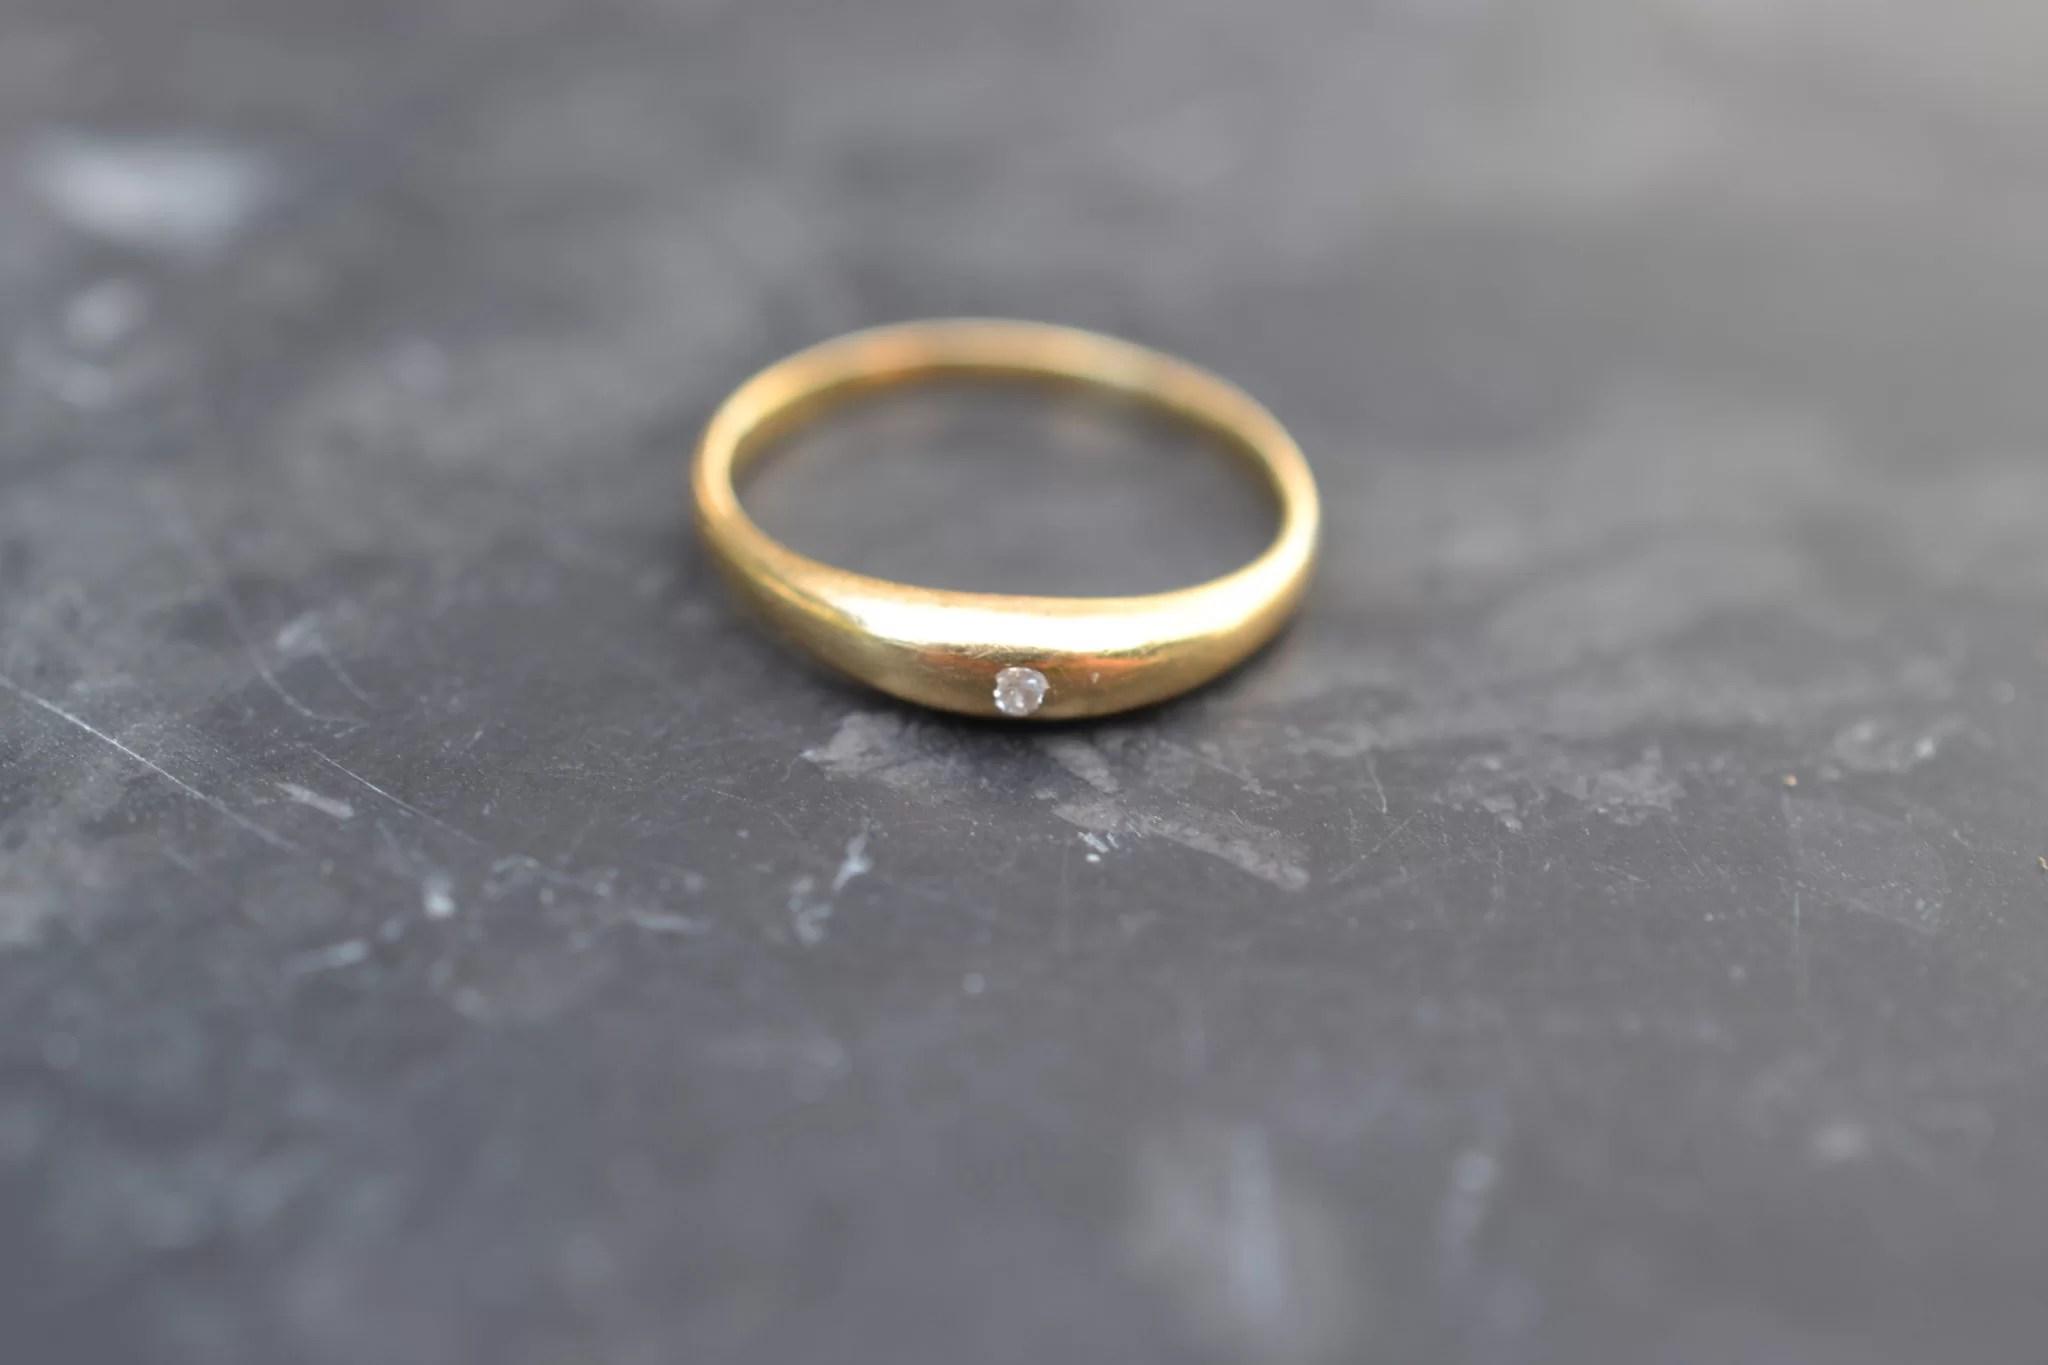 Bague Jonc Anglais Diamant - En Or 18 Carats - Bague Ancienne Diamant - Bijou Unique Occasion